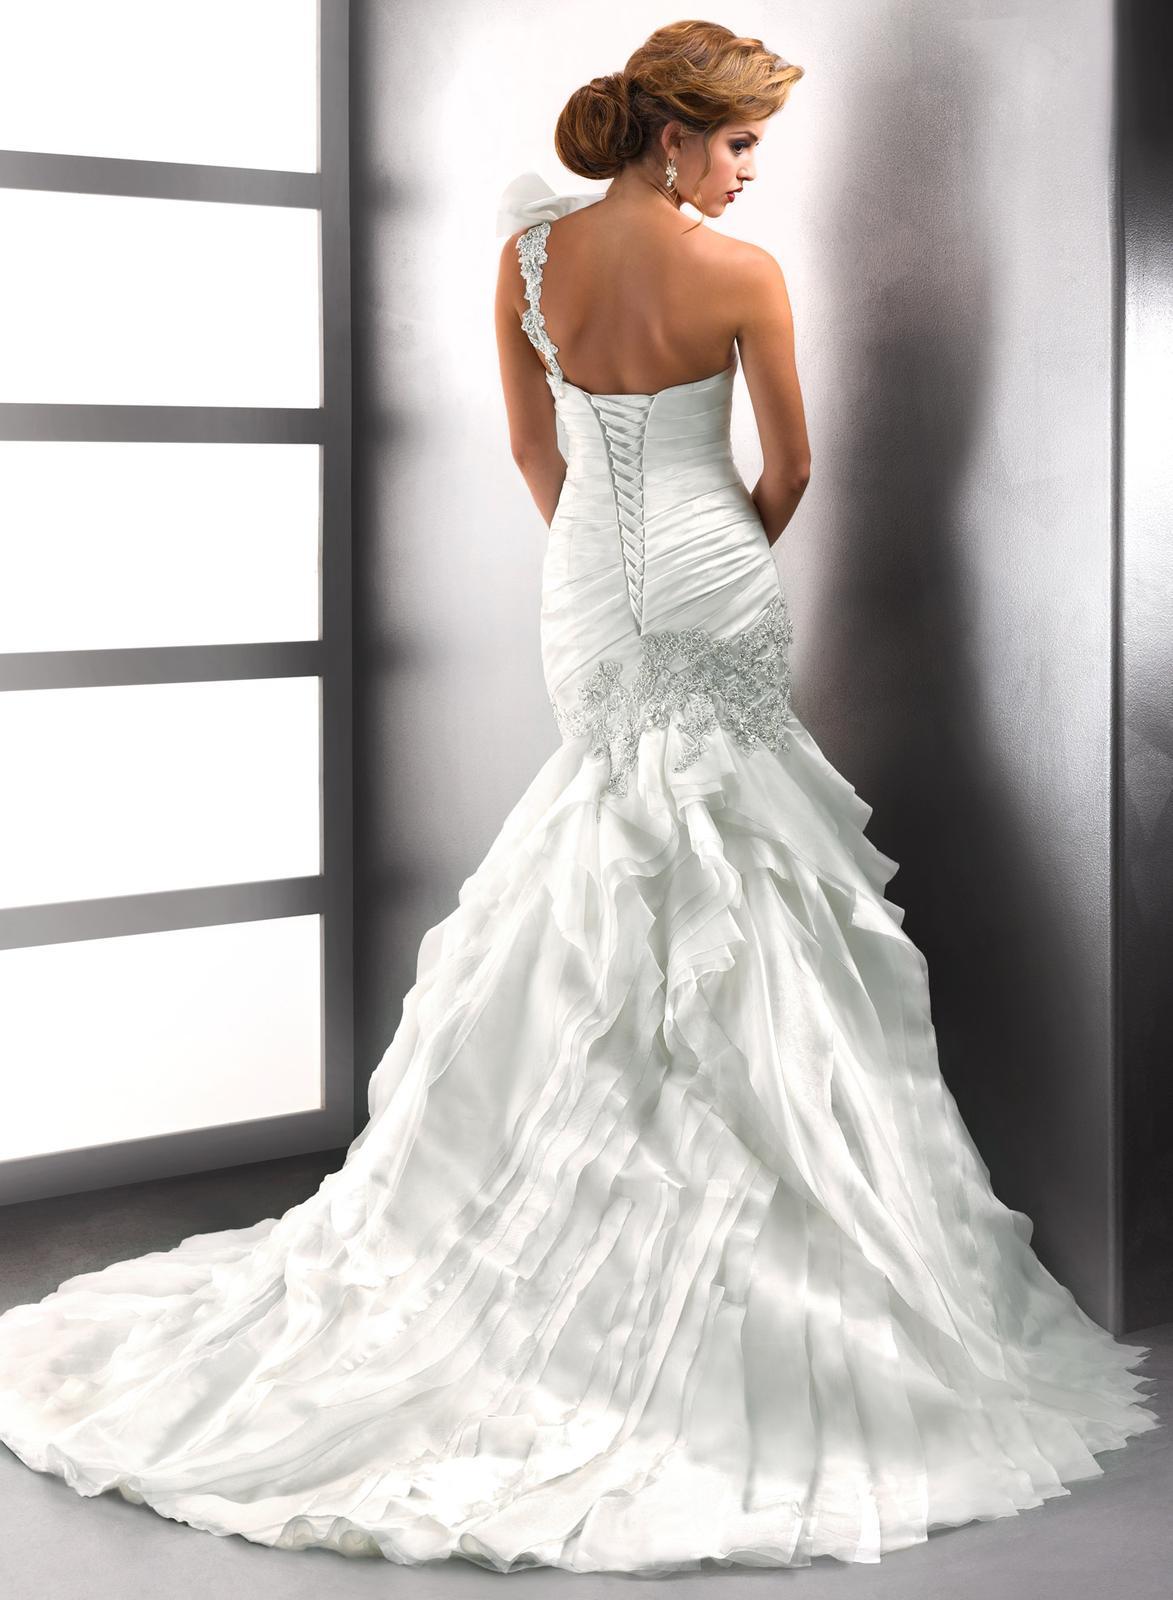 Výpredaj svadobných šiat! - Farba: white, veľkosť 34-36